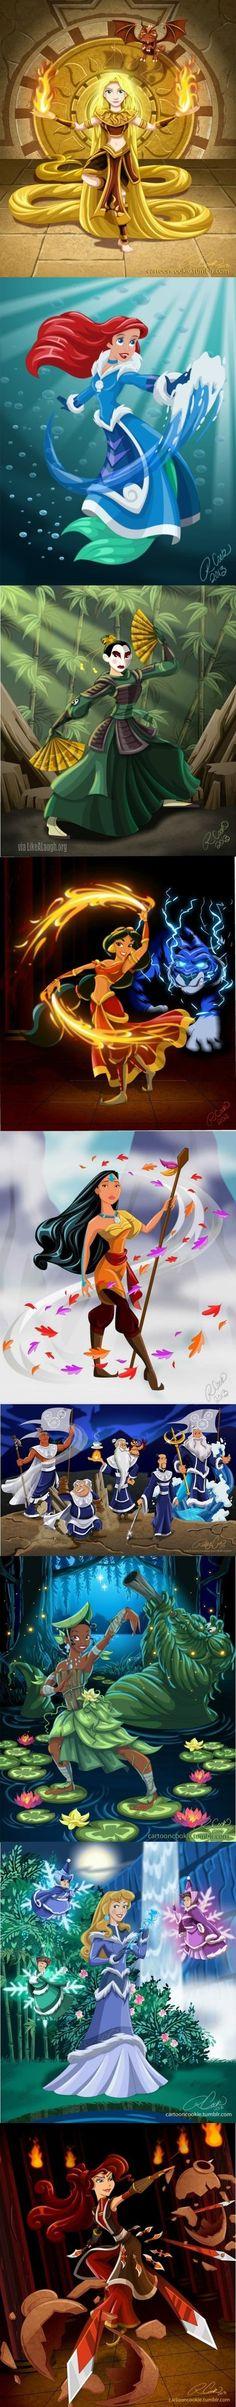 Disney Benders ~my favortie being Jasmine. Just because Rajah looks amazing!